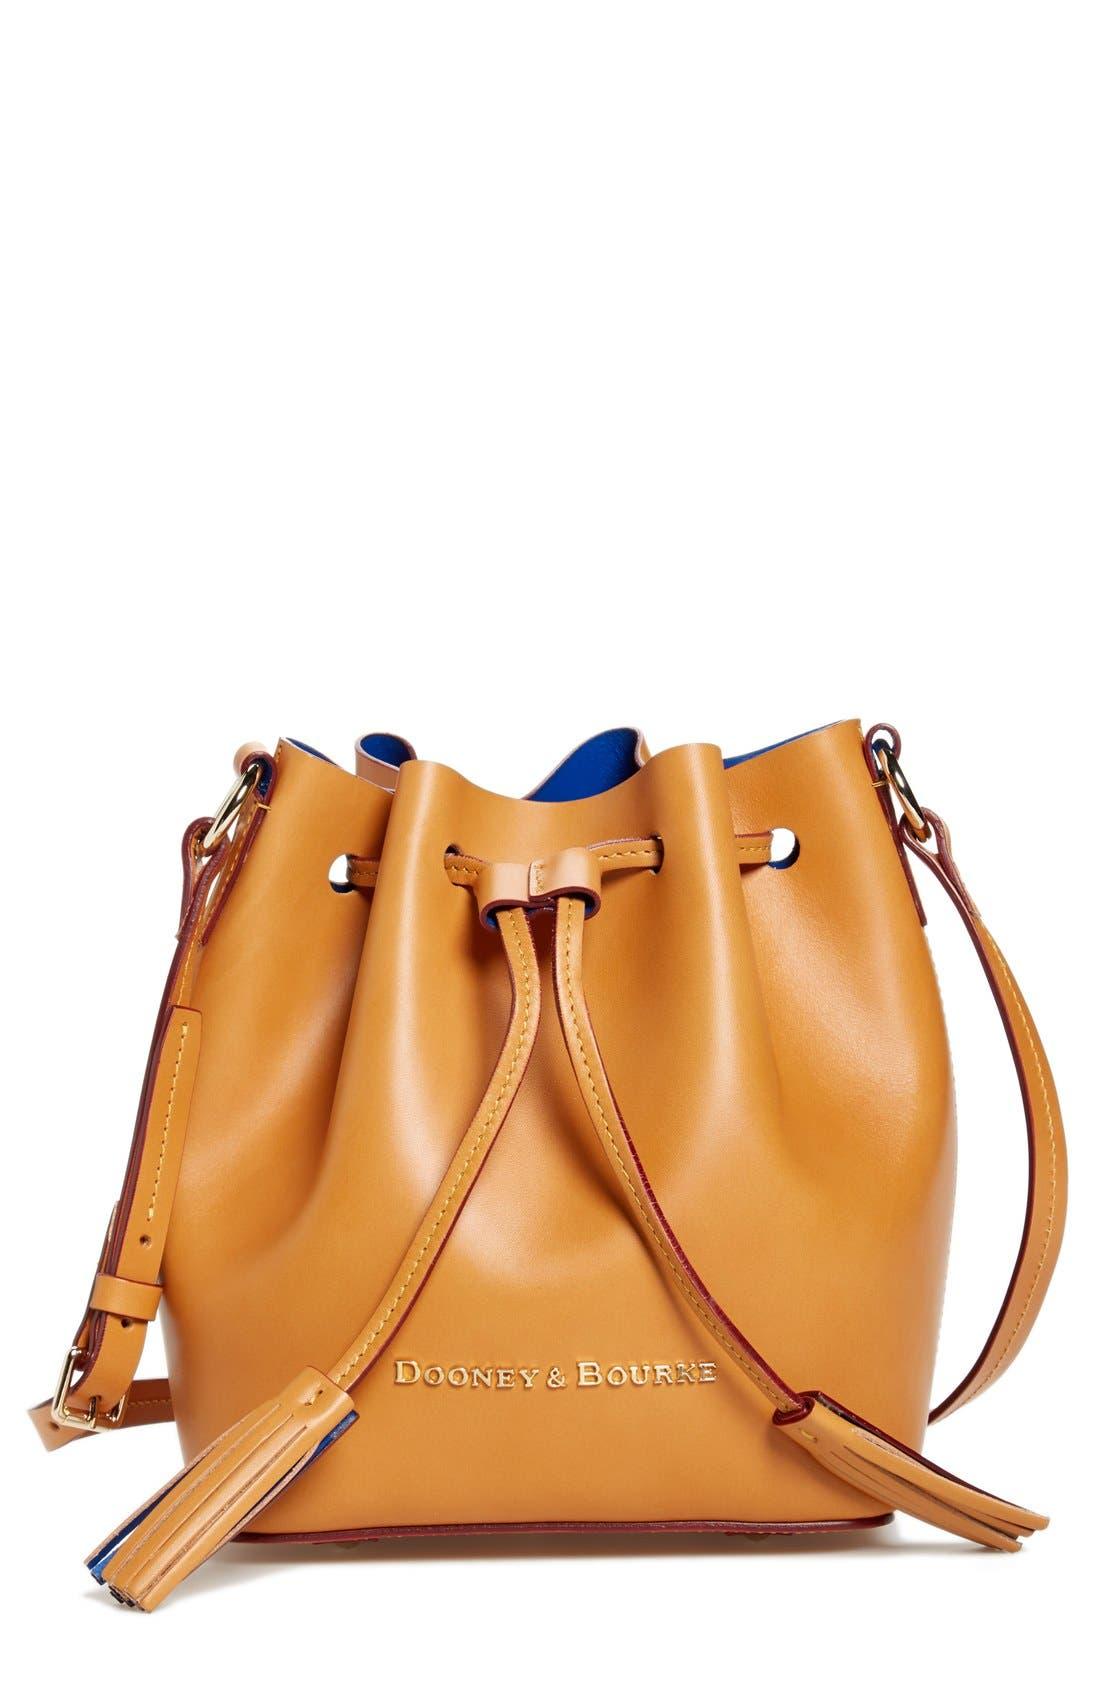 Main Image - Dooney & Bourke 'Serena' Leather Bucket Bag